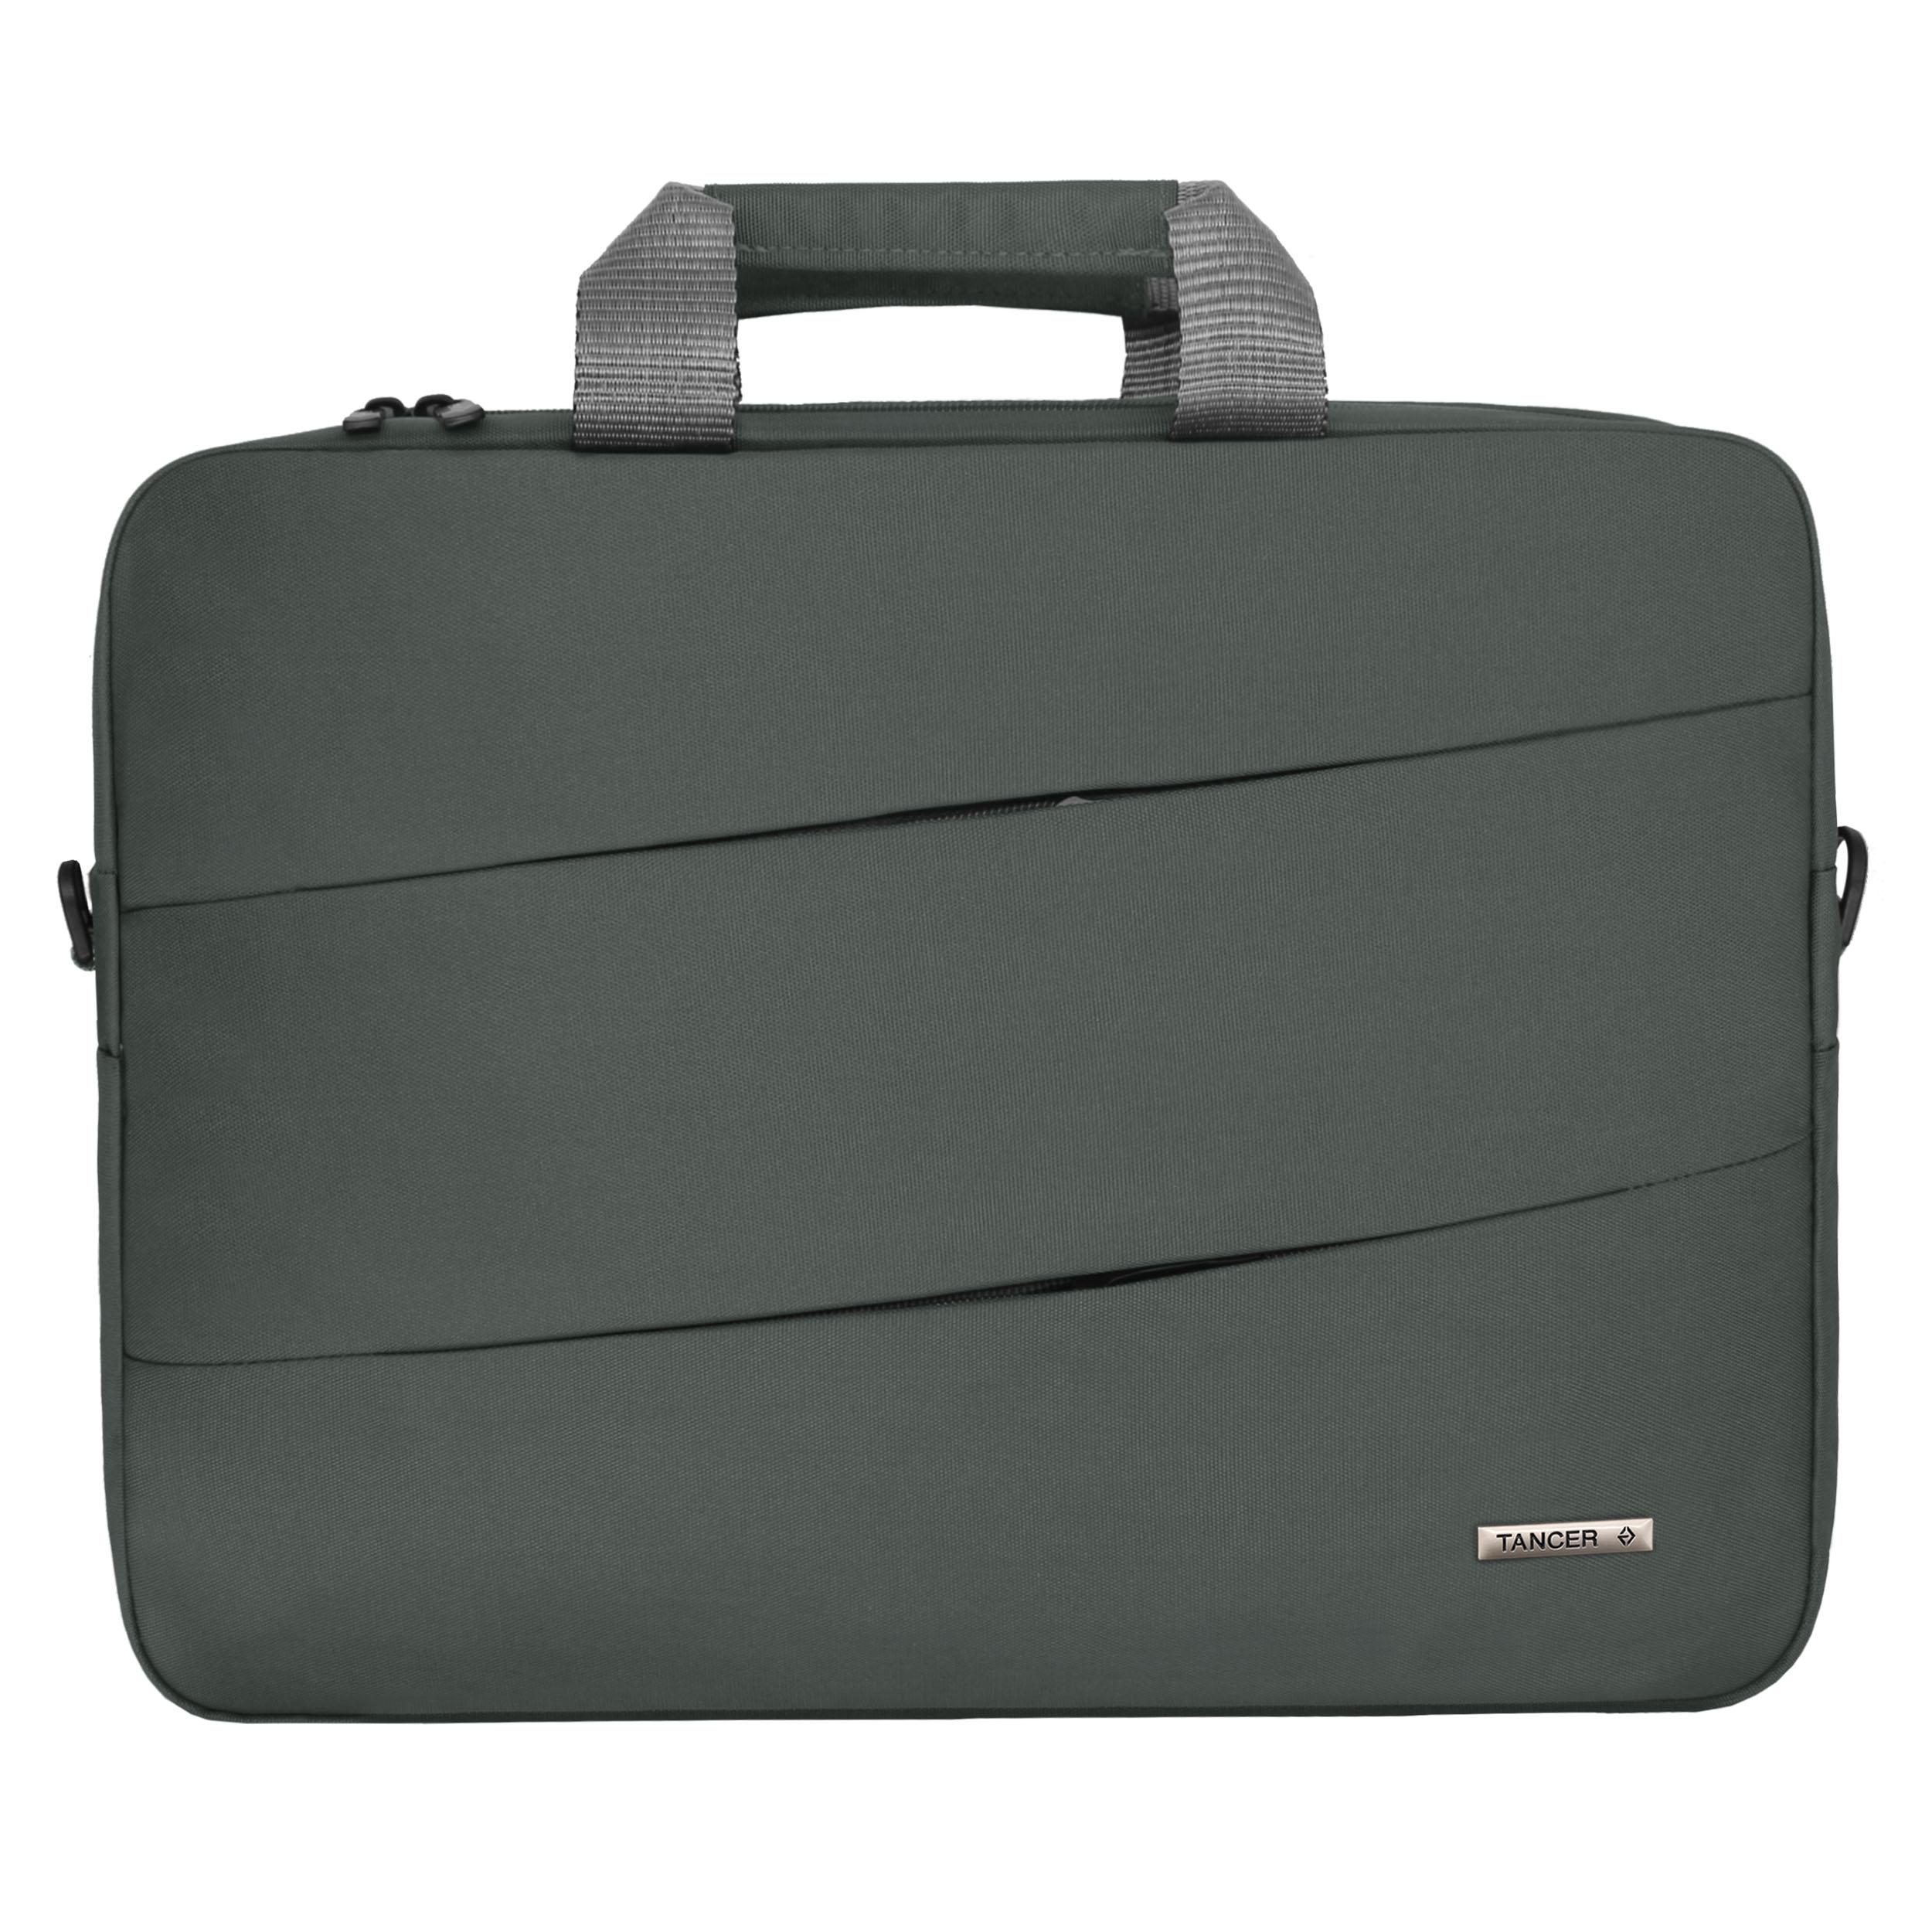 کیف لپ تاپ تنسر مدل کاتانا مناسب برای لپ تاپ 15.6 اینچی